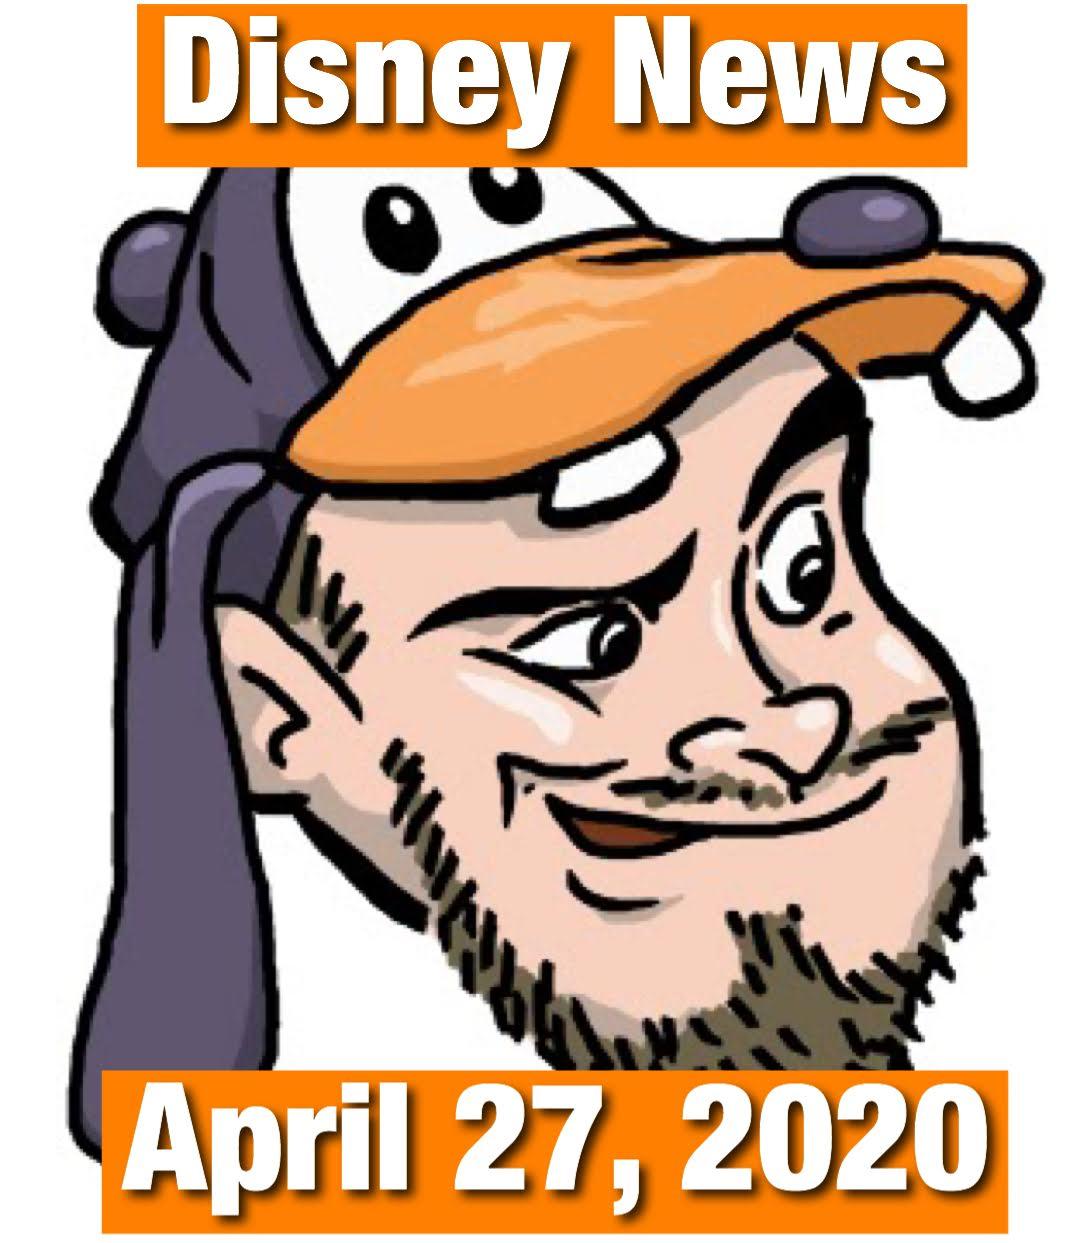 Disney News For 4/27/2020